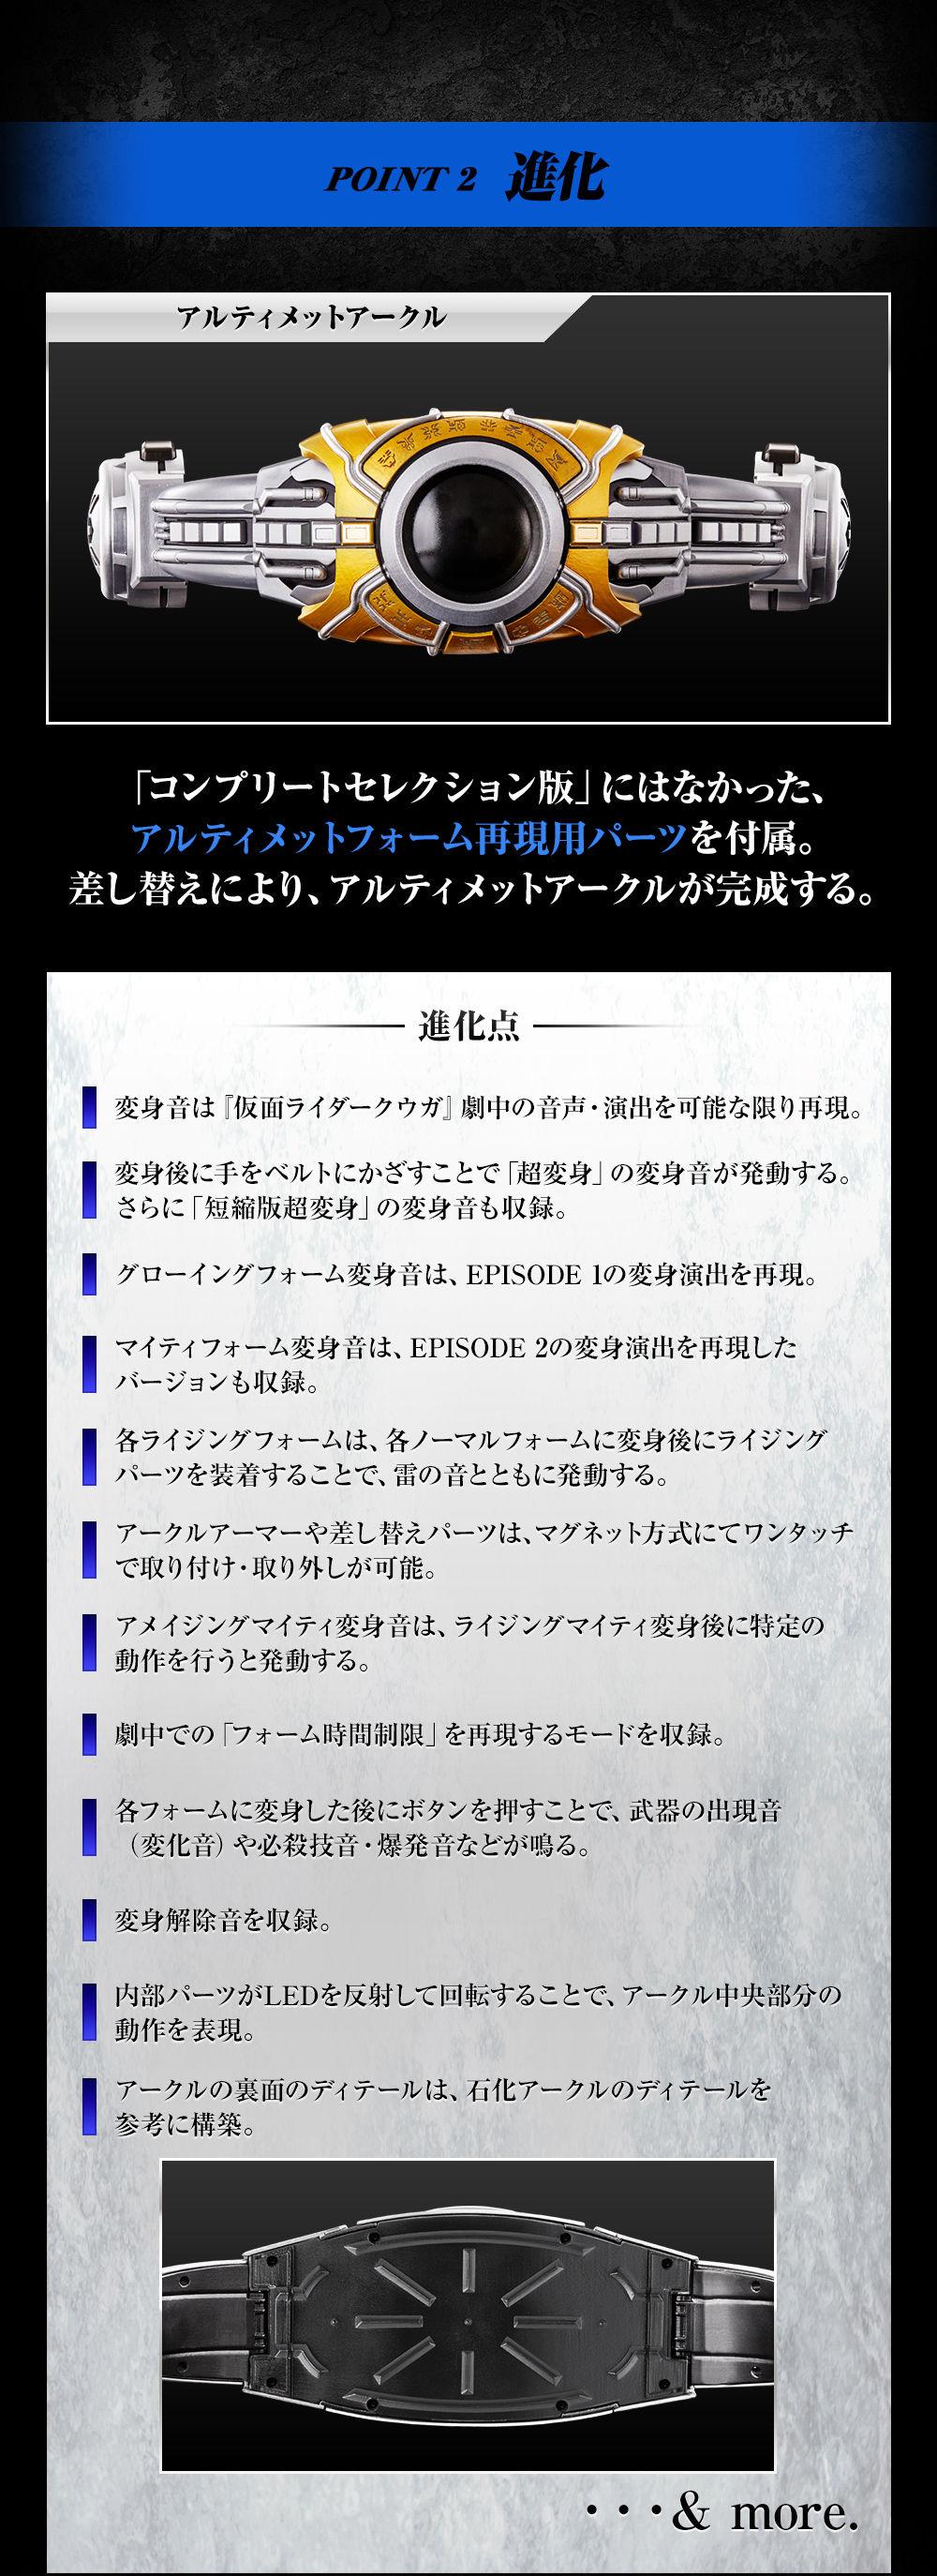 コンプリートセレクションモディフィケーション コンセレ 仮面ライダークウガ アークル